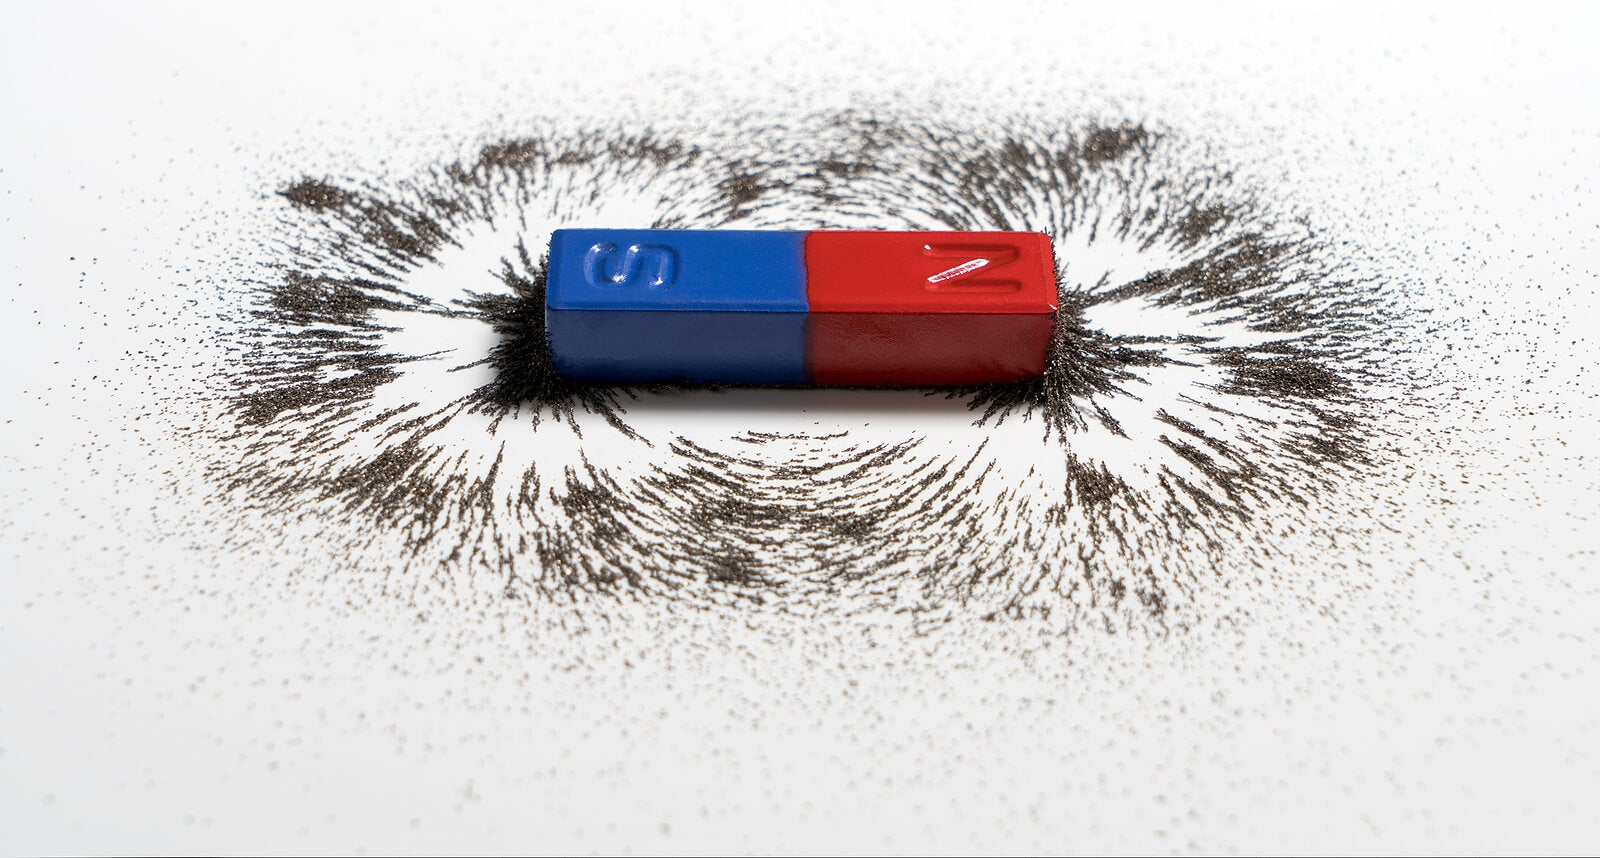 Uno de los experimentos para enseñar magnetismo a los niños.